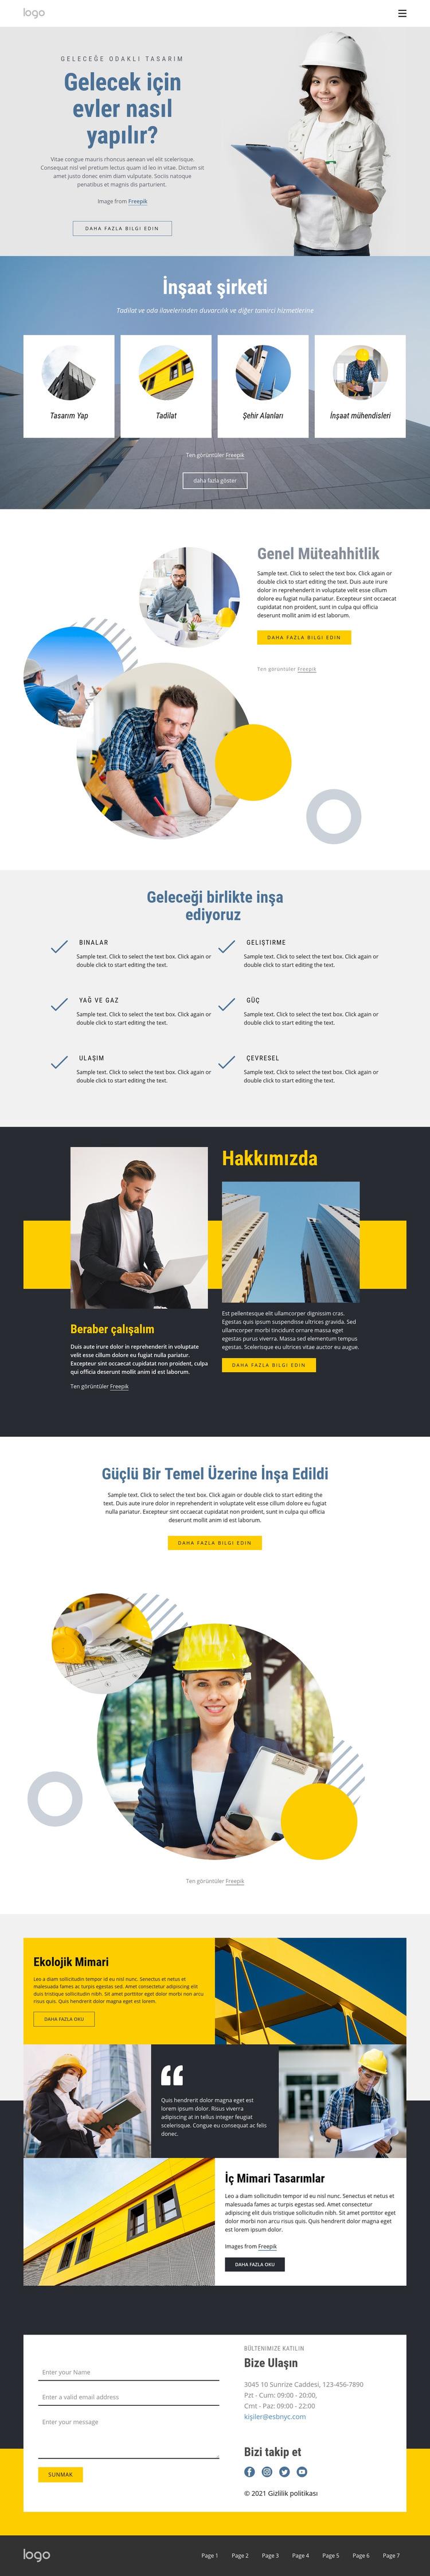 Genel müteahhitlik şirketi Web Sitesi Şablonu